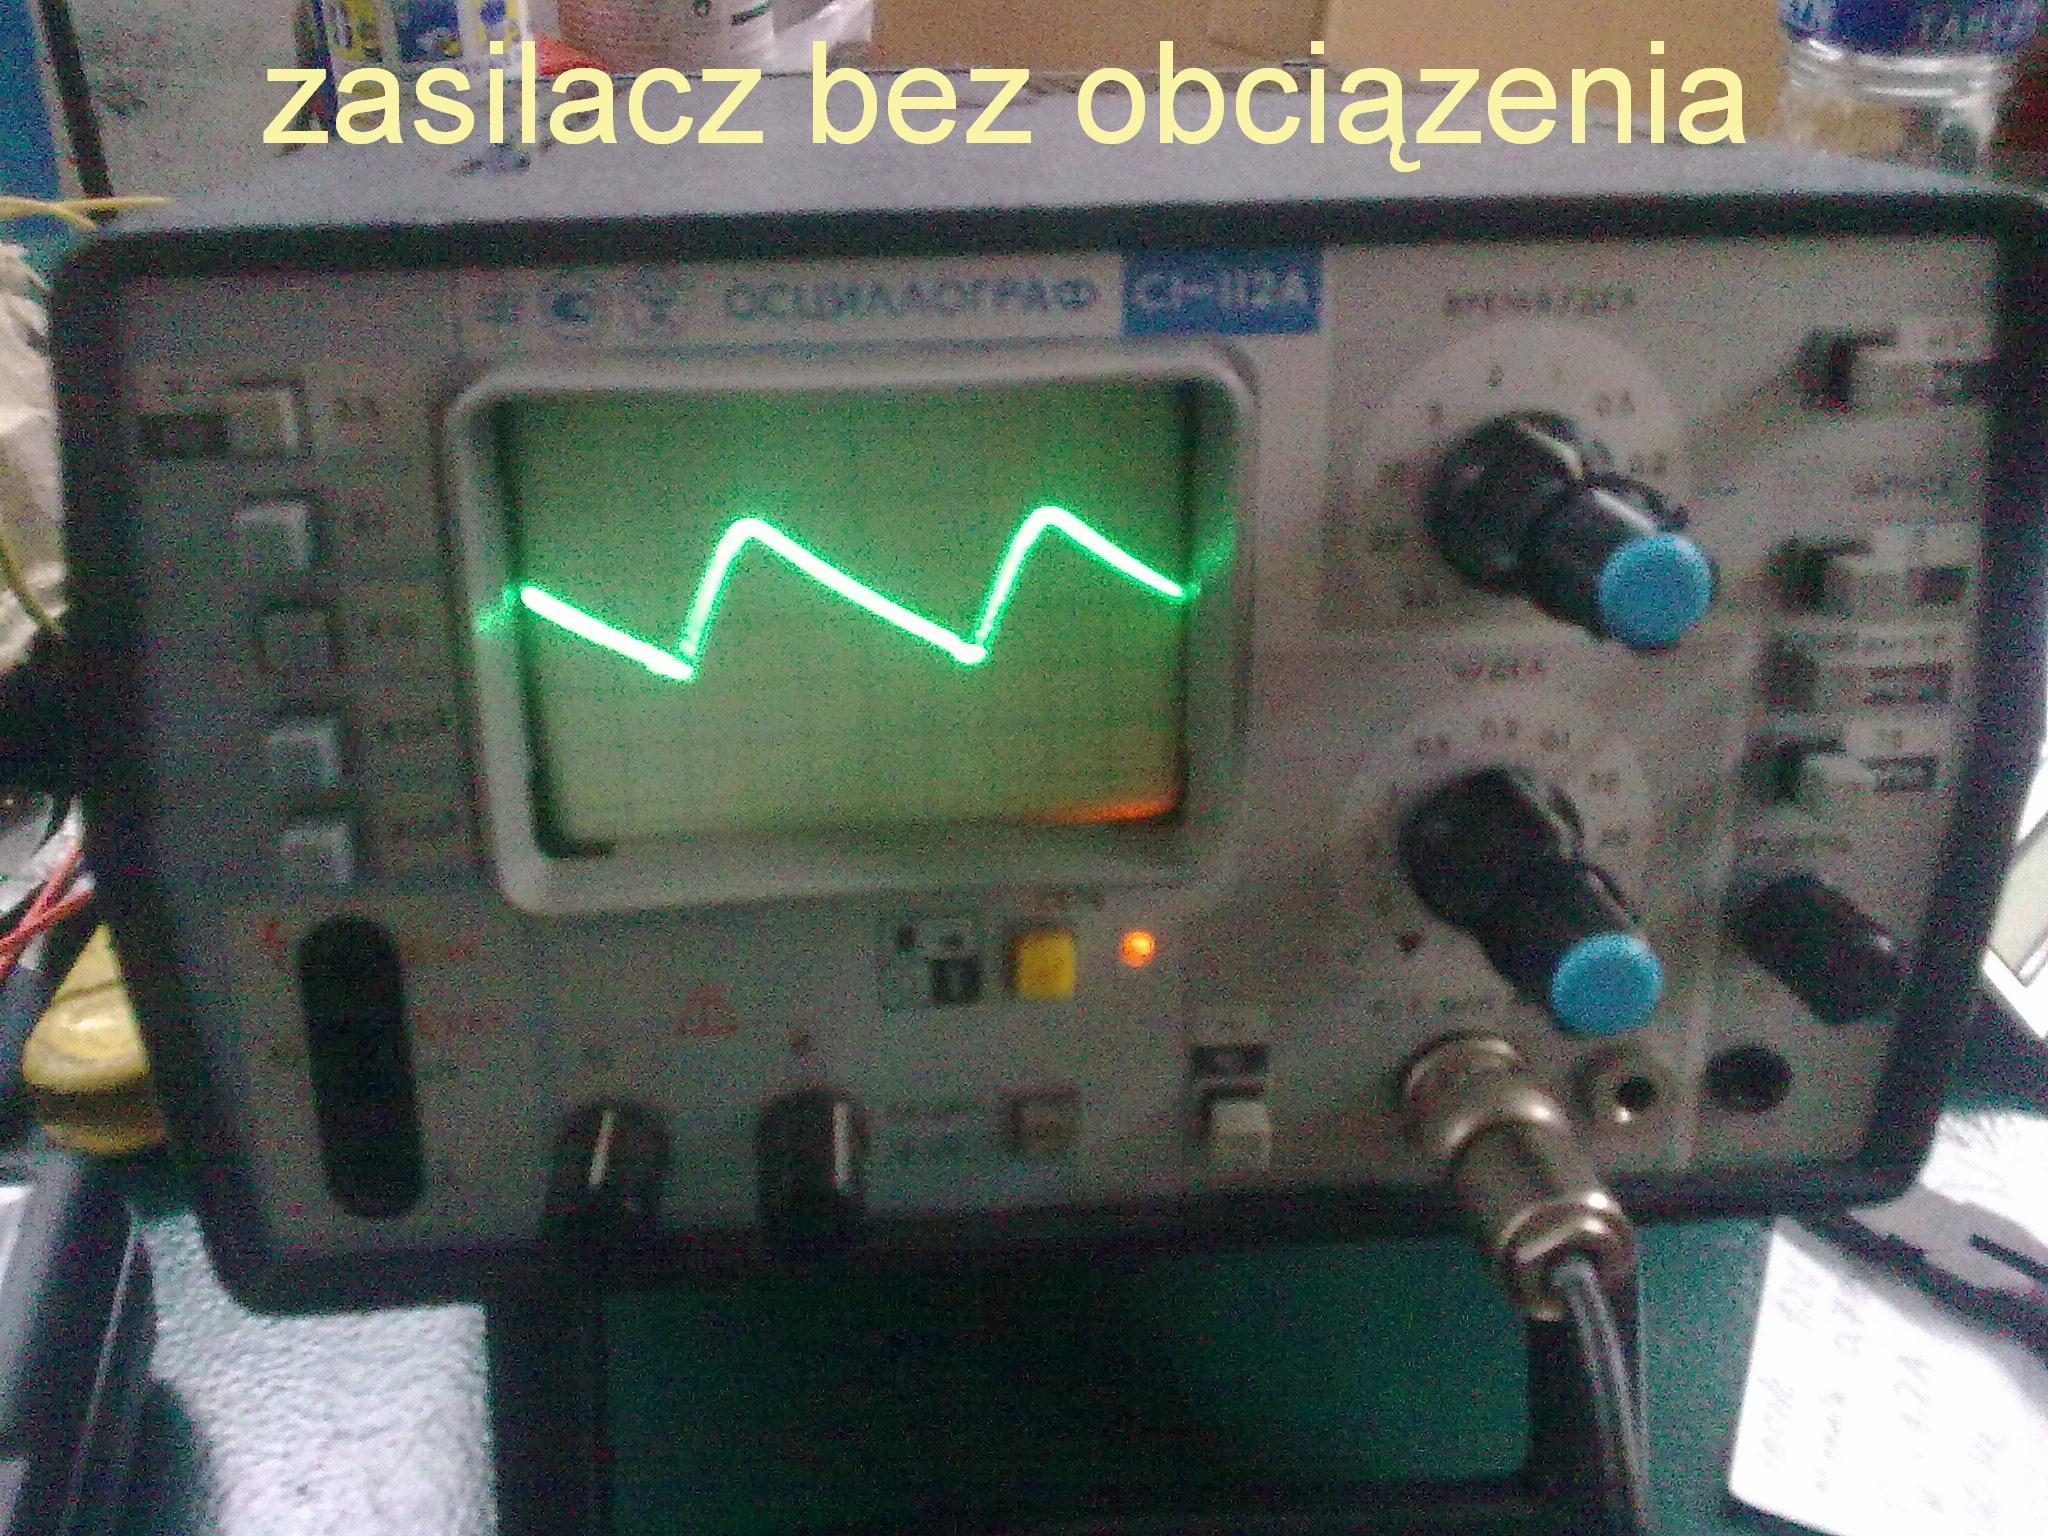 Piec indukcyjny 5,5 kW 1,5 MHz - Uszkodzony prawdopodobnie kondensator 4500pF